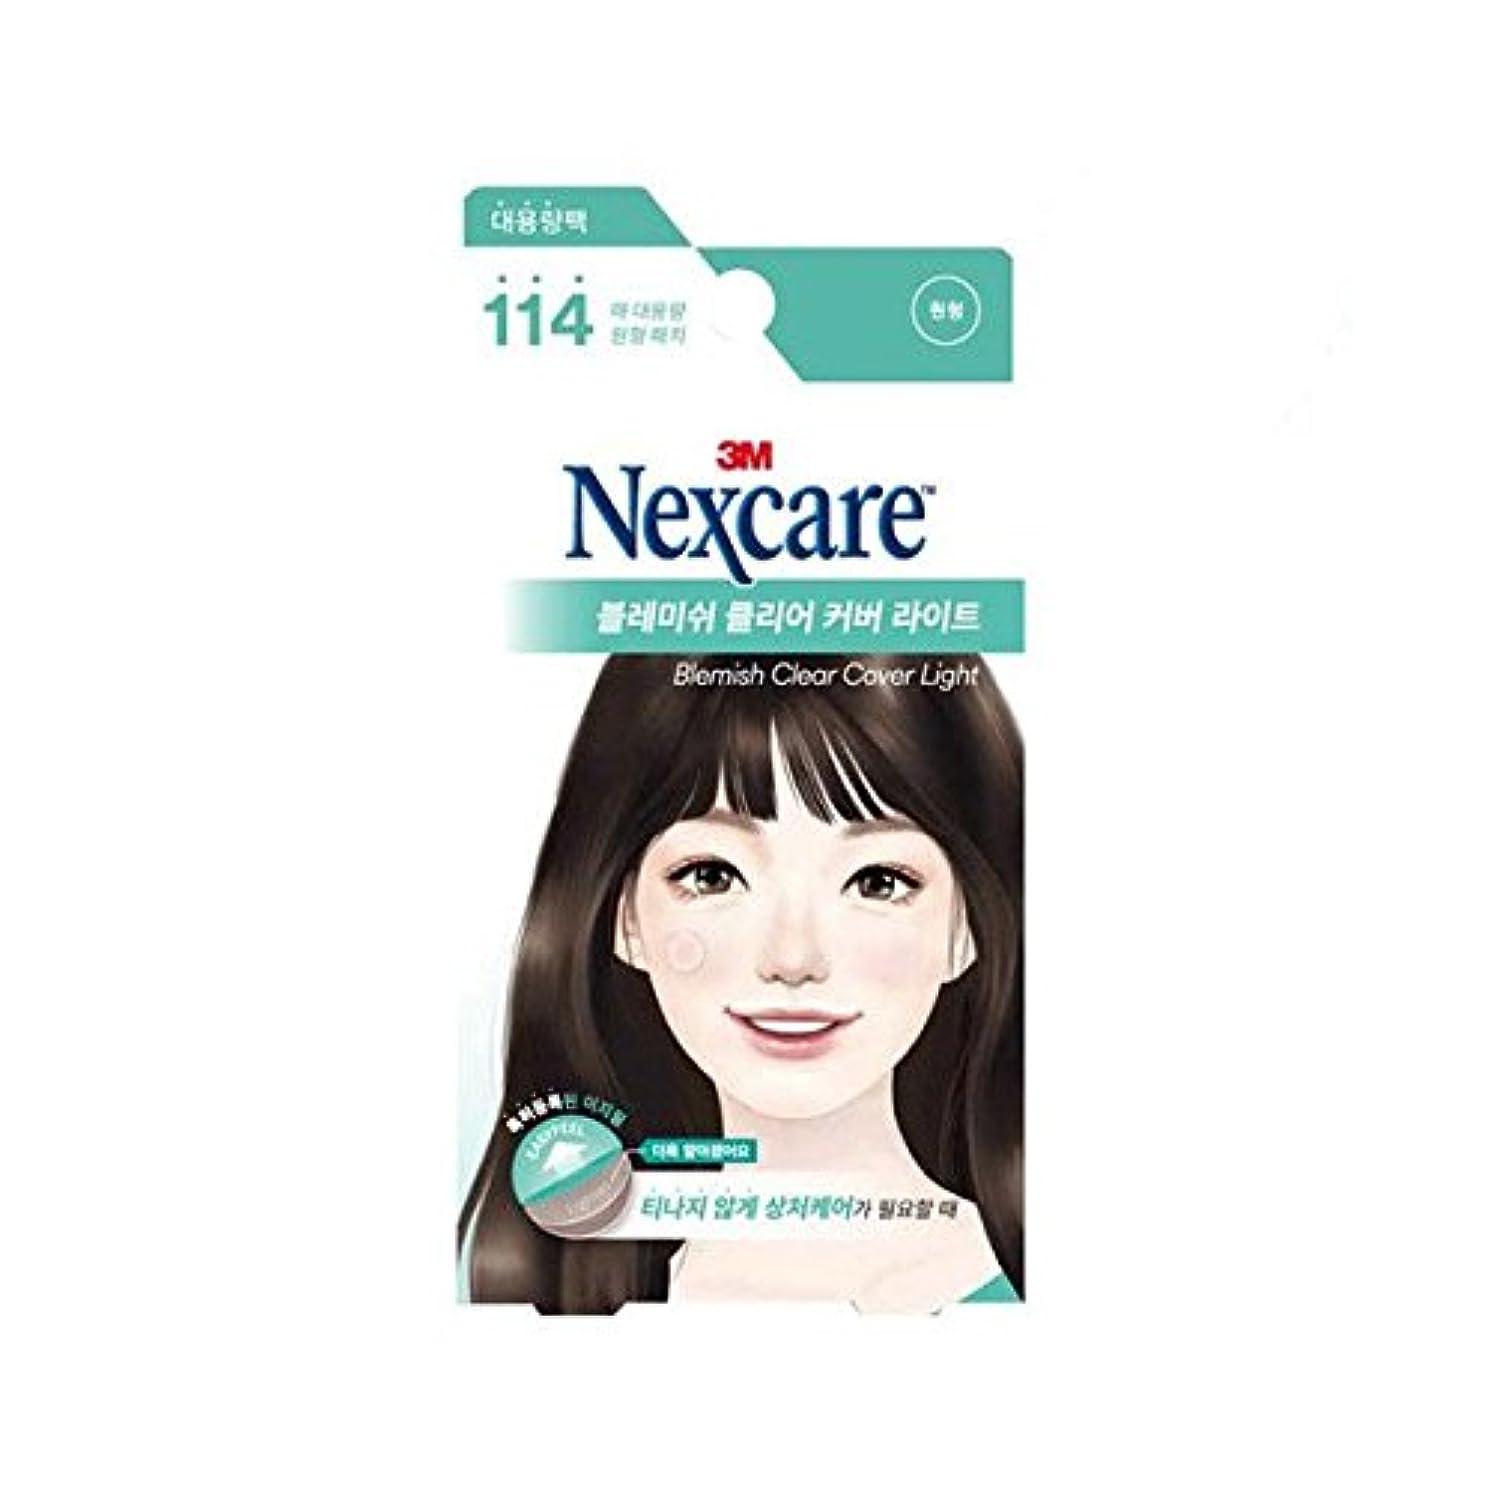 【3M Nexcare】ネクスケア ブレミッシュ クリア カバー ブレミッシュクリアカバーライト (ブルー)